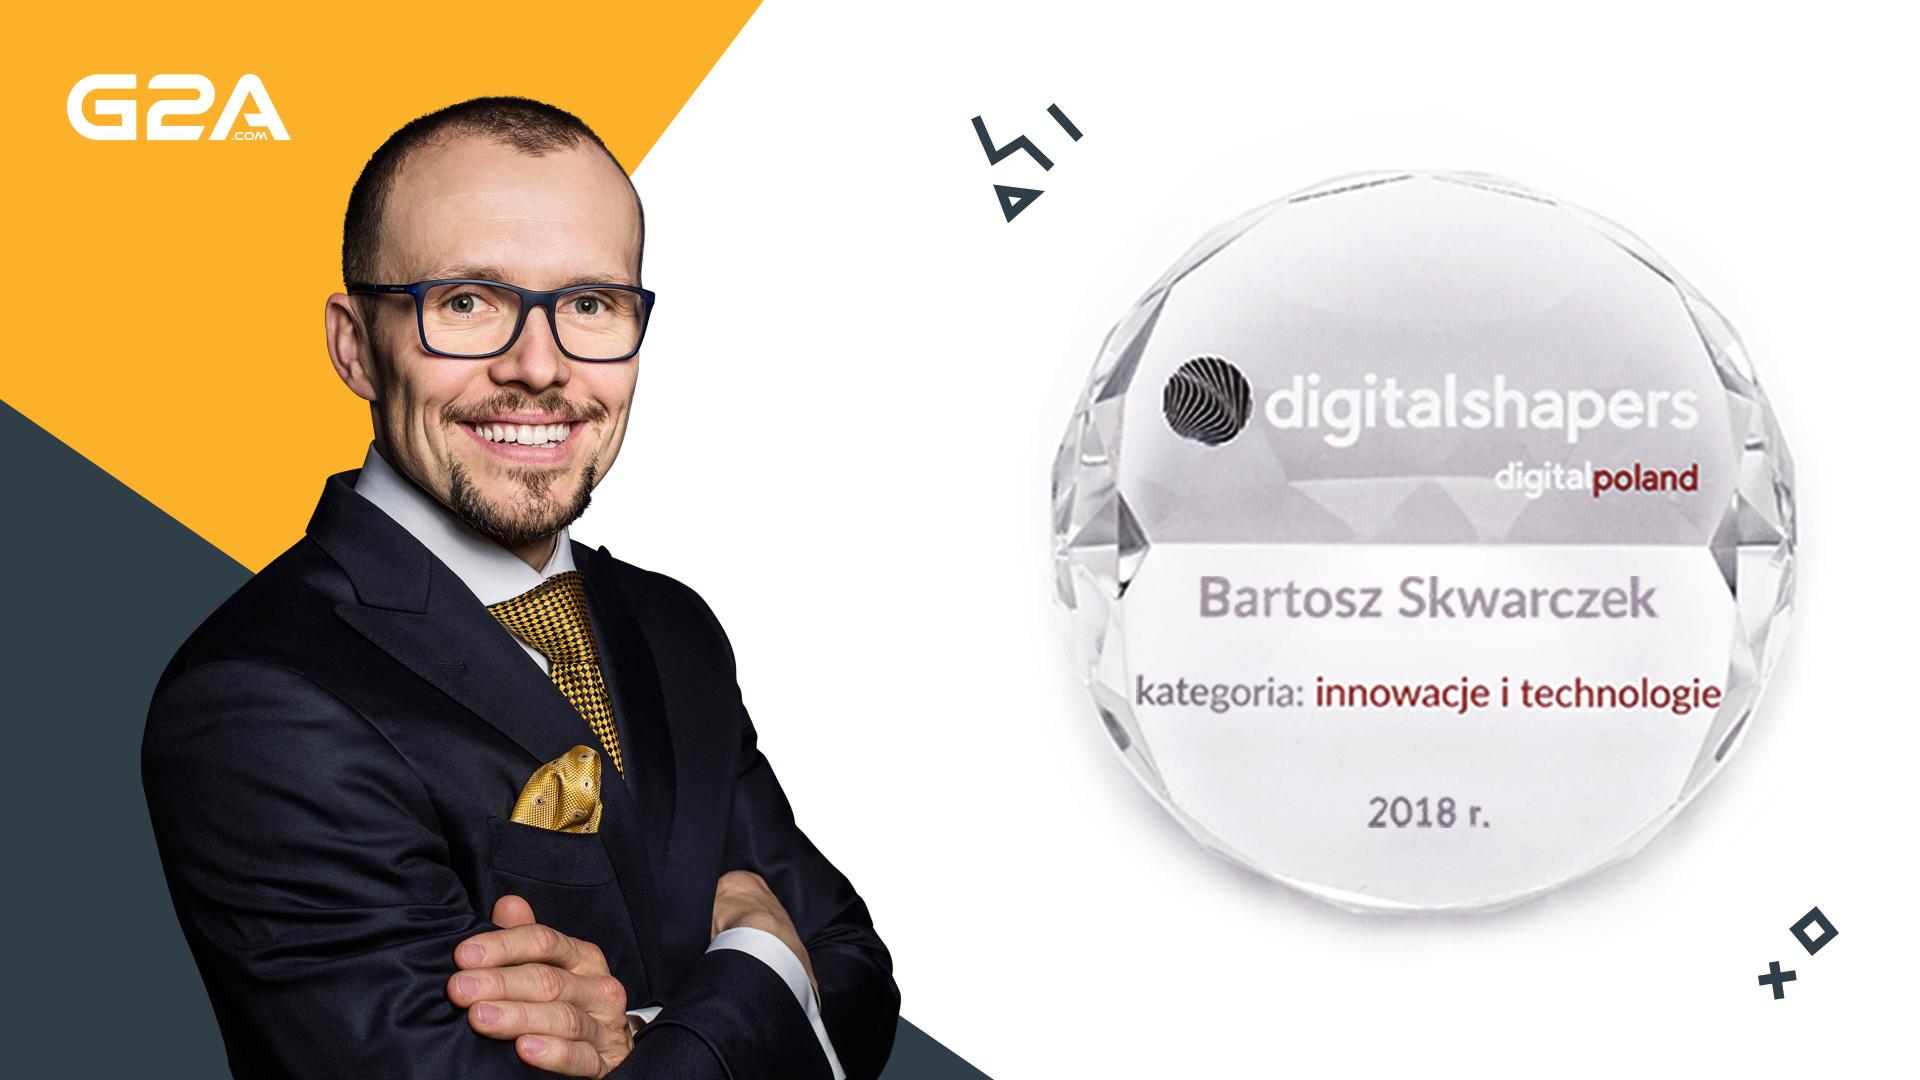 Cyfrową rewolucję mamy we krwi  - Bartosz Skwarczek, prezes G2A, nagrodzony tytułem Digital Shaper